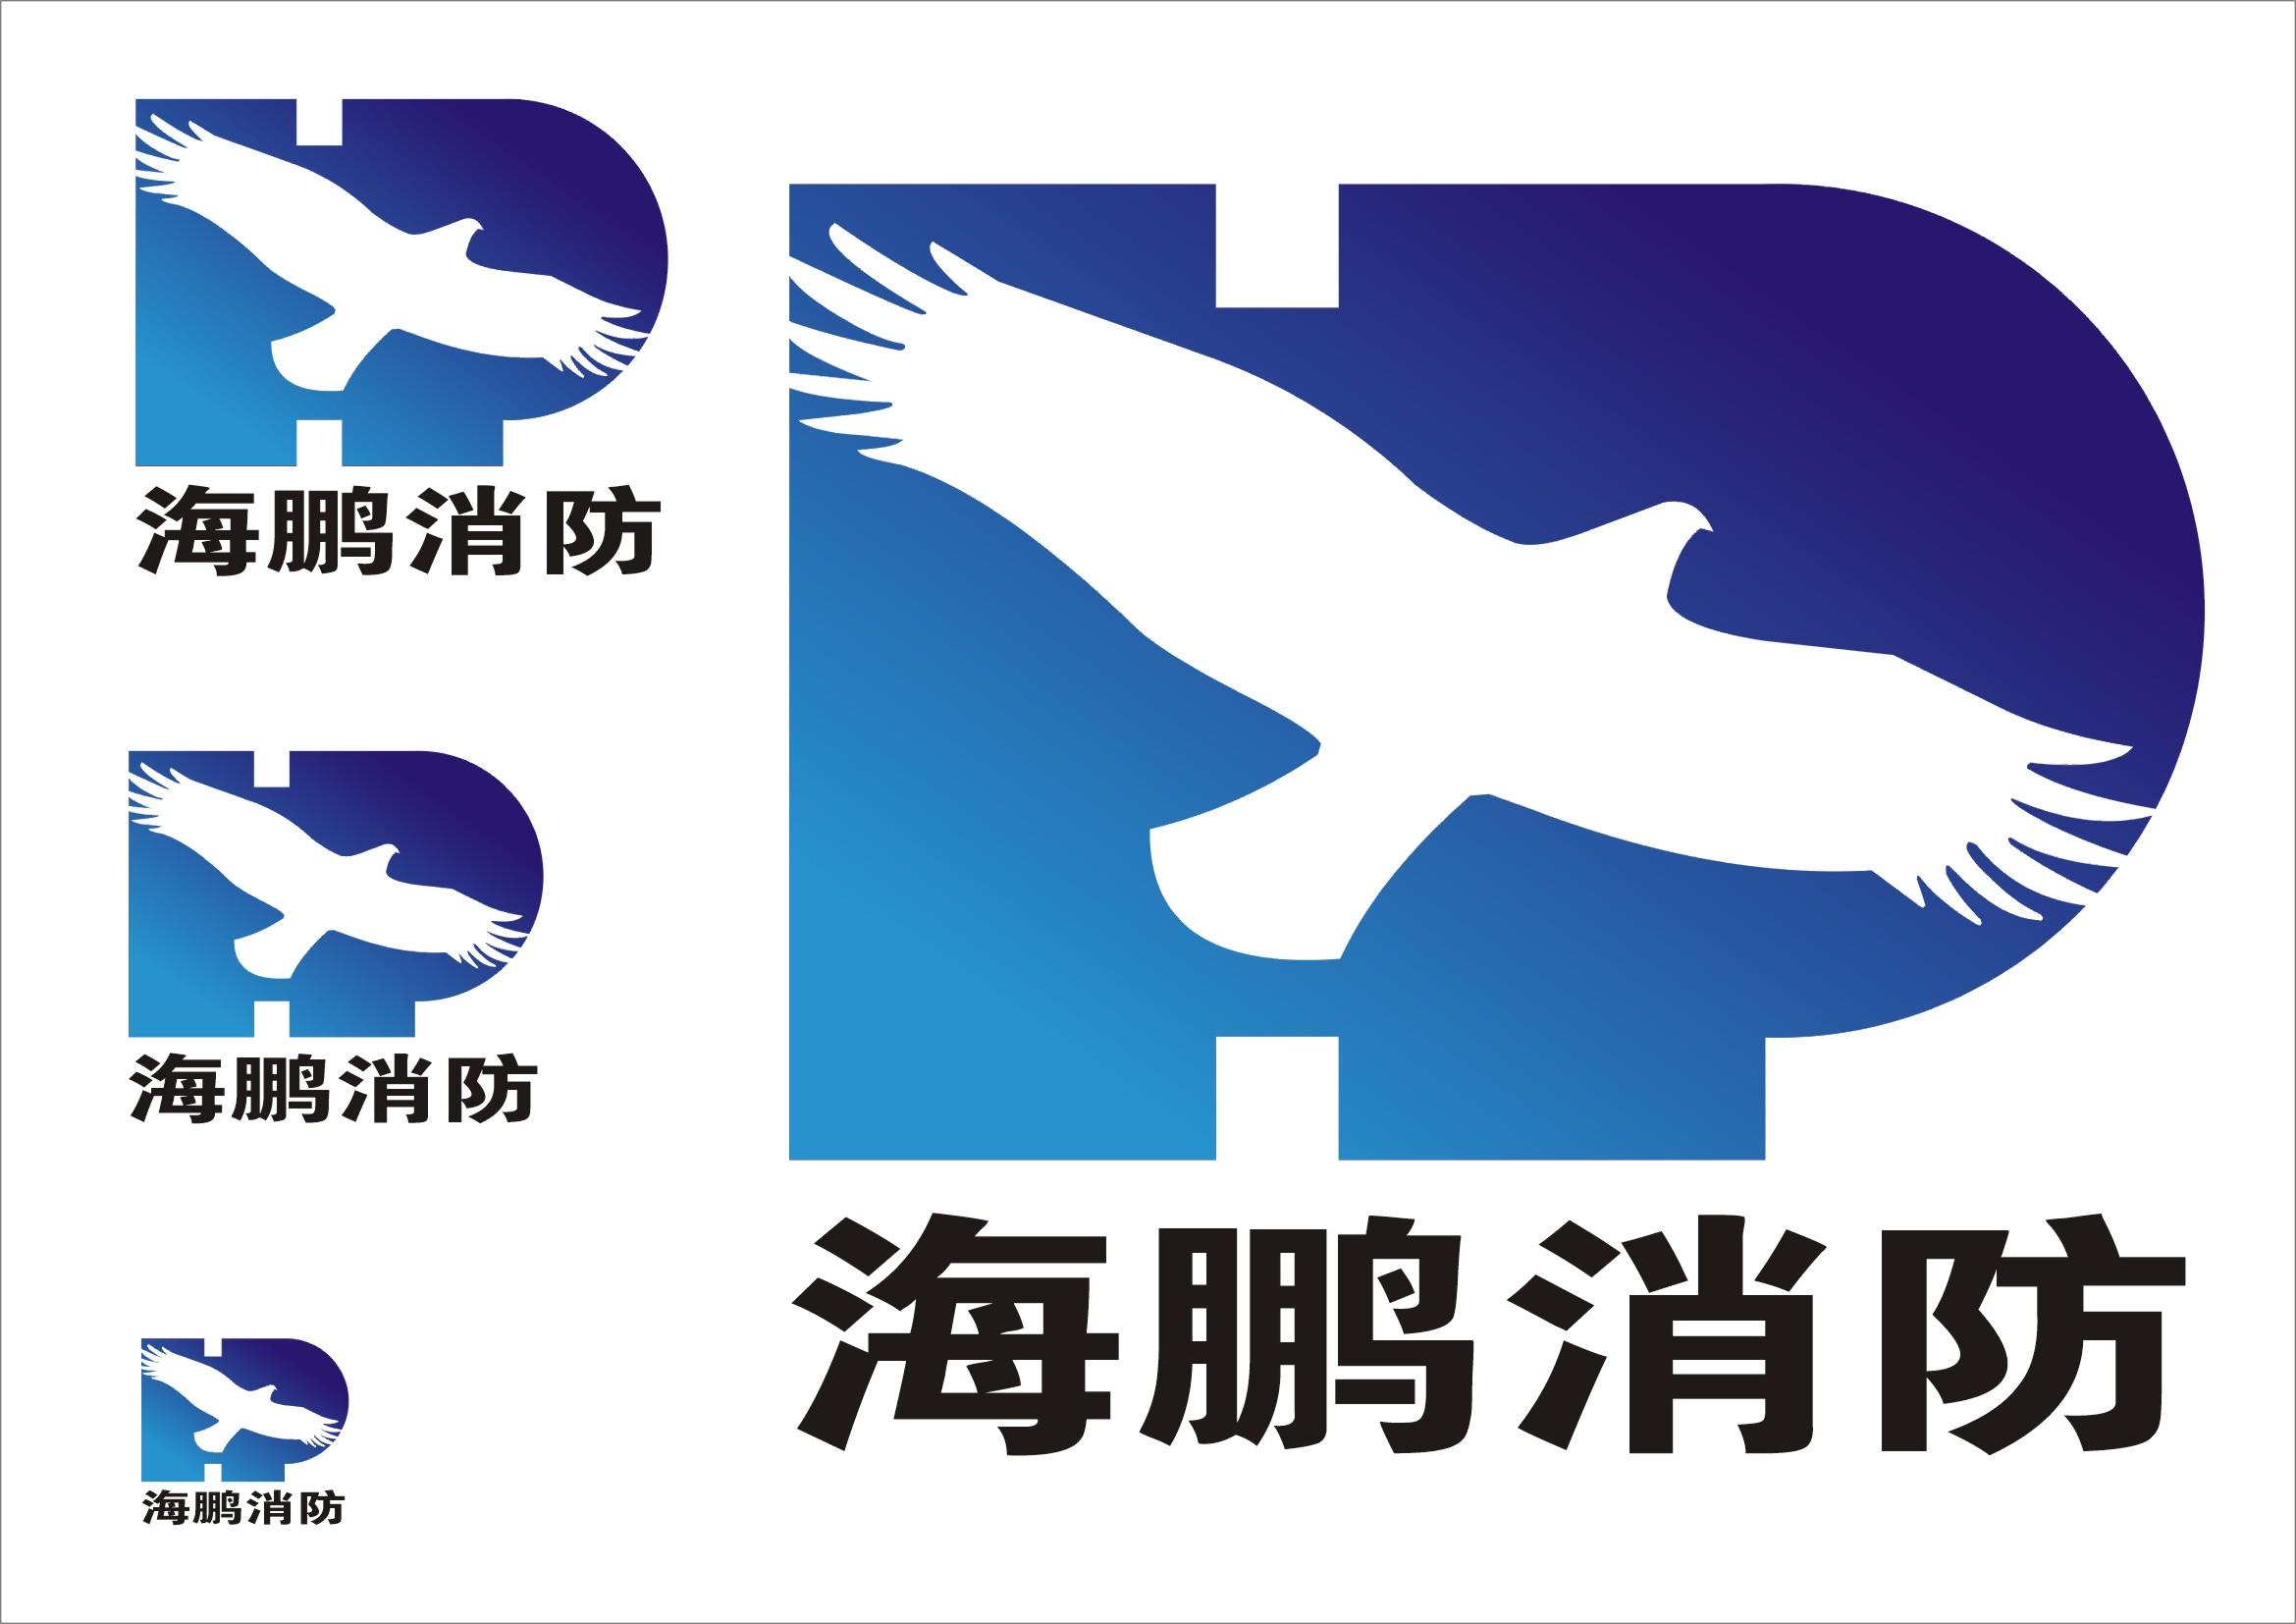 辽宁海鹏消防保安工程有限公司